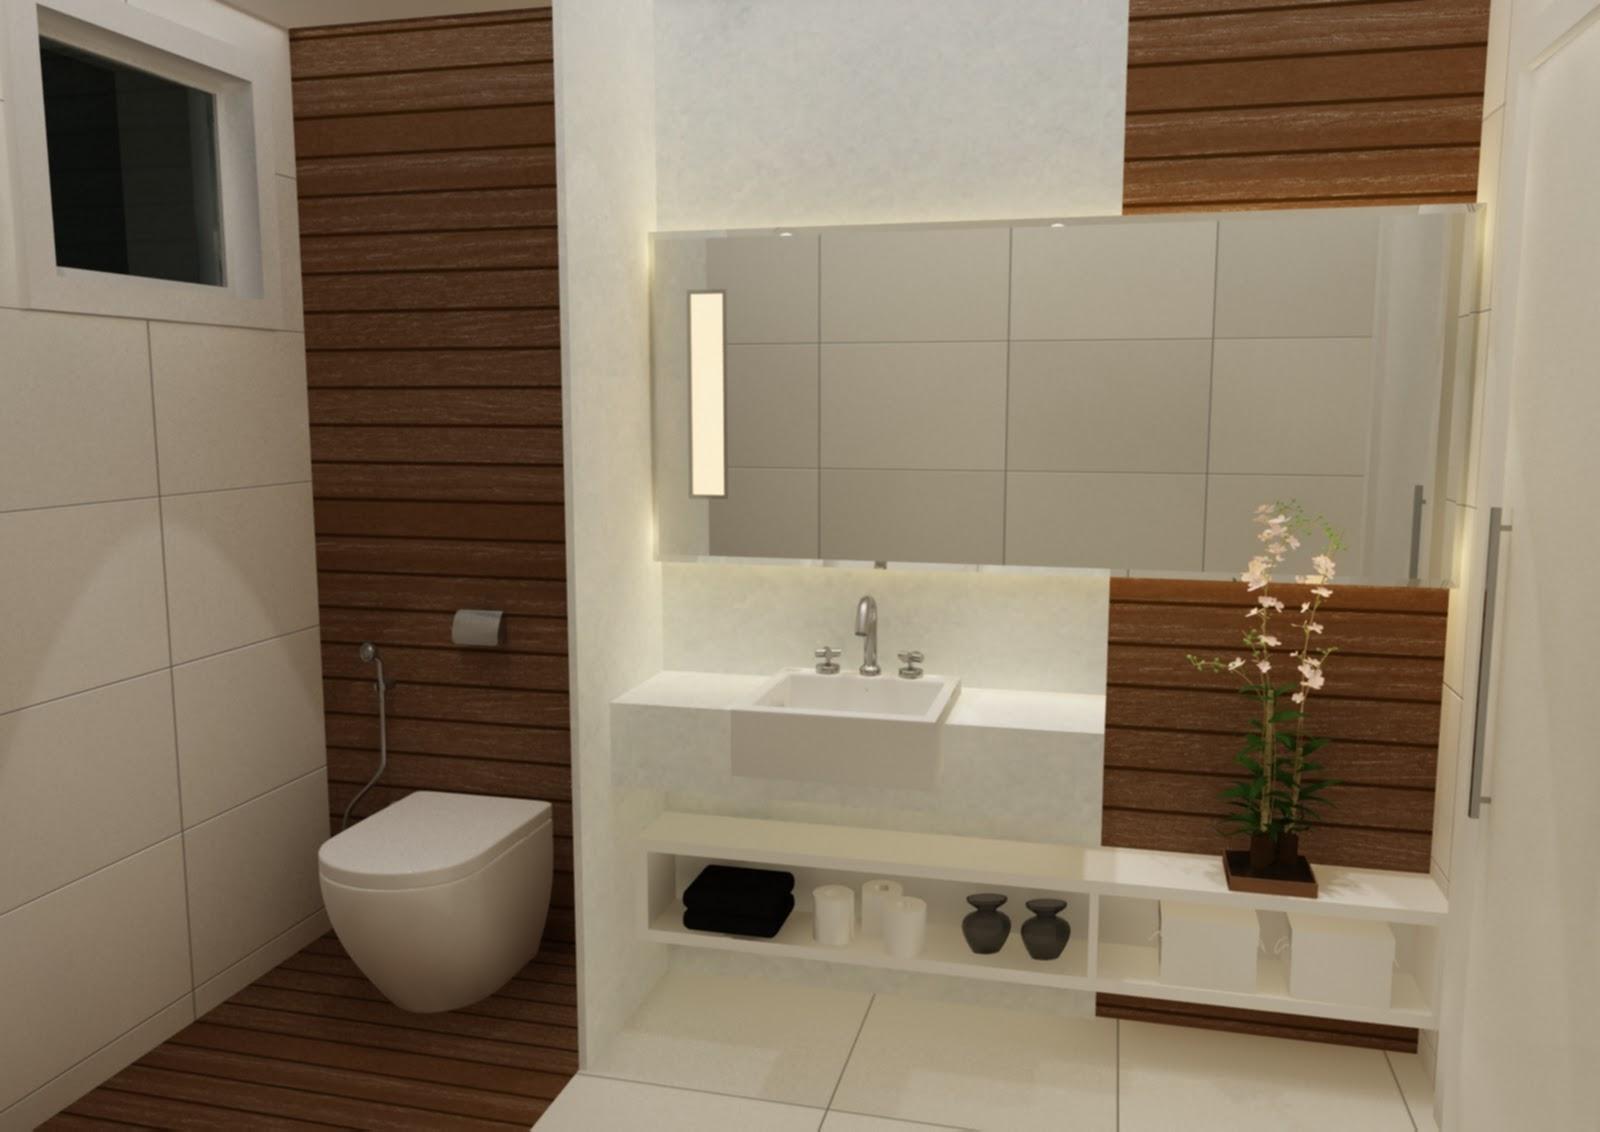 CONSULTORIA: CERÂMICAS QUE IMITAM MADEIRA E LADRILHO HIDRAULICO #3A2516 1600x1132 Banheiro Com Porcelanato De Madeira